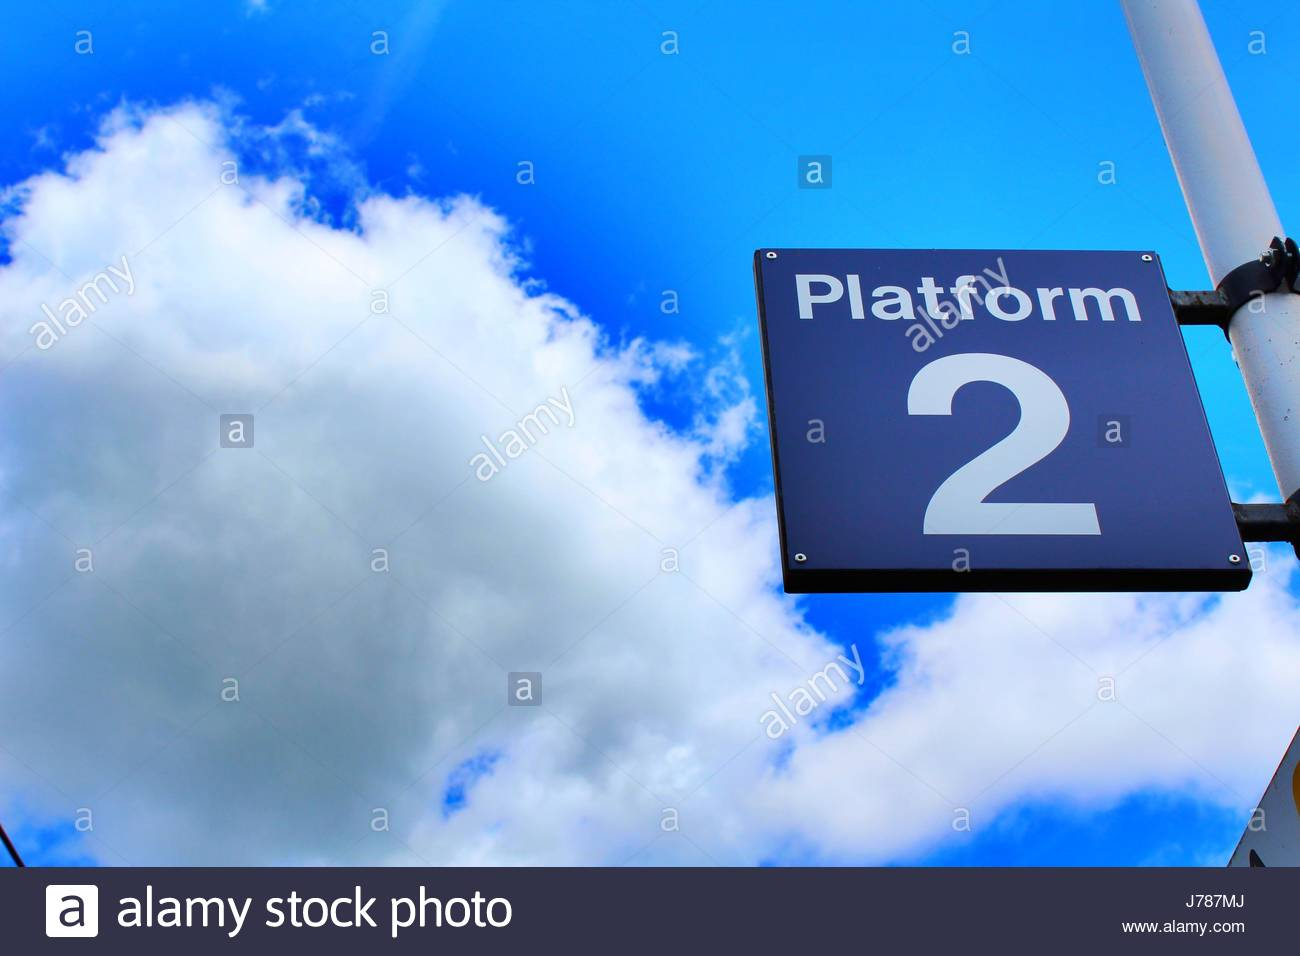 Piattaforma davanti a cielo nuvoloso Immagini Stock